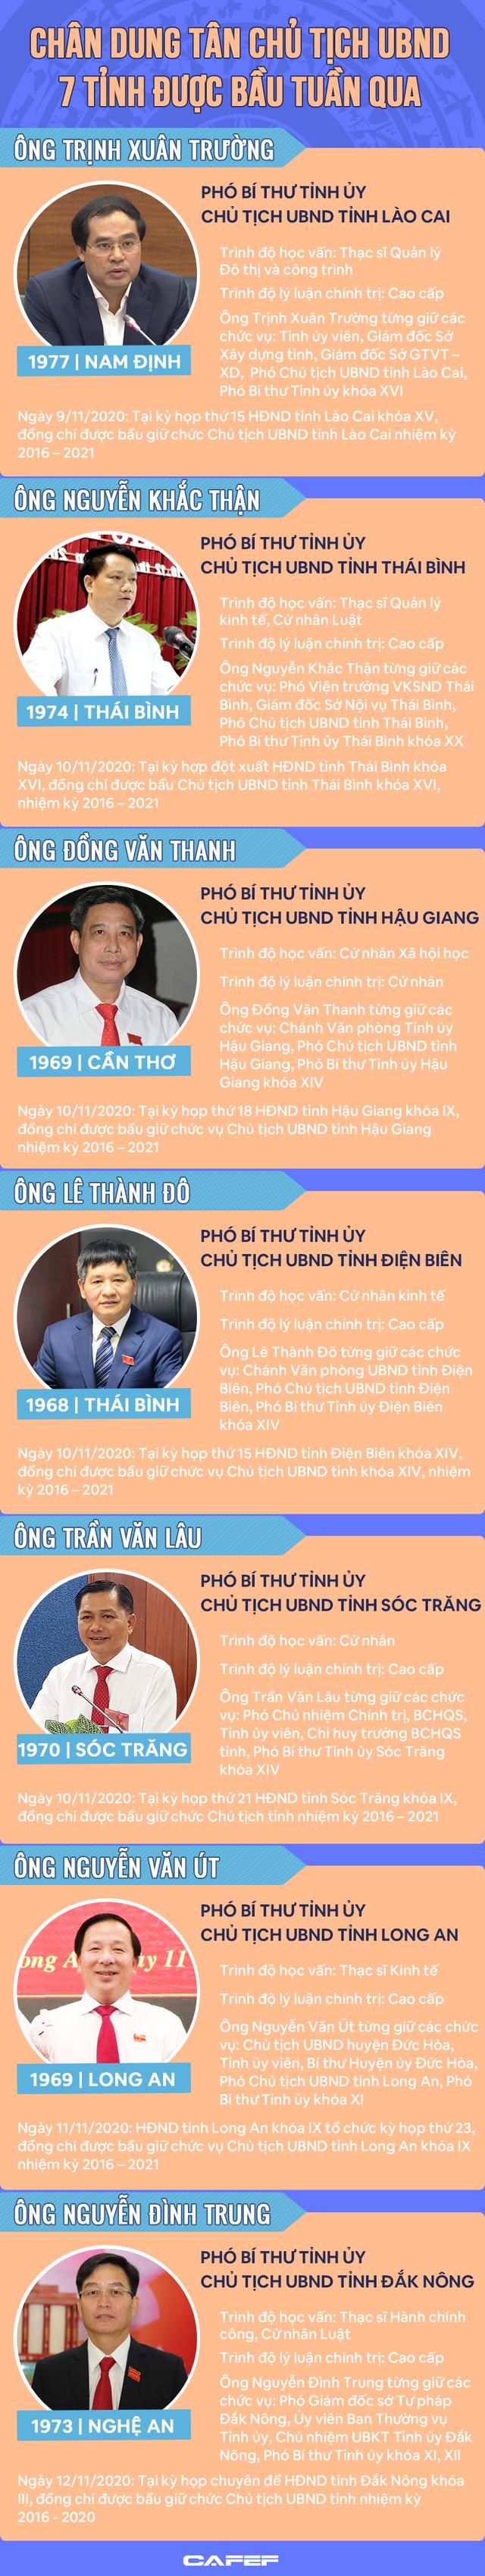 Chân dung Chủ tịch UBND 7 tỉnh được bầu tuần qua - Ảnh 1.